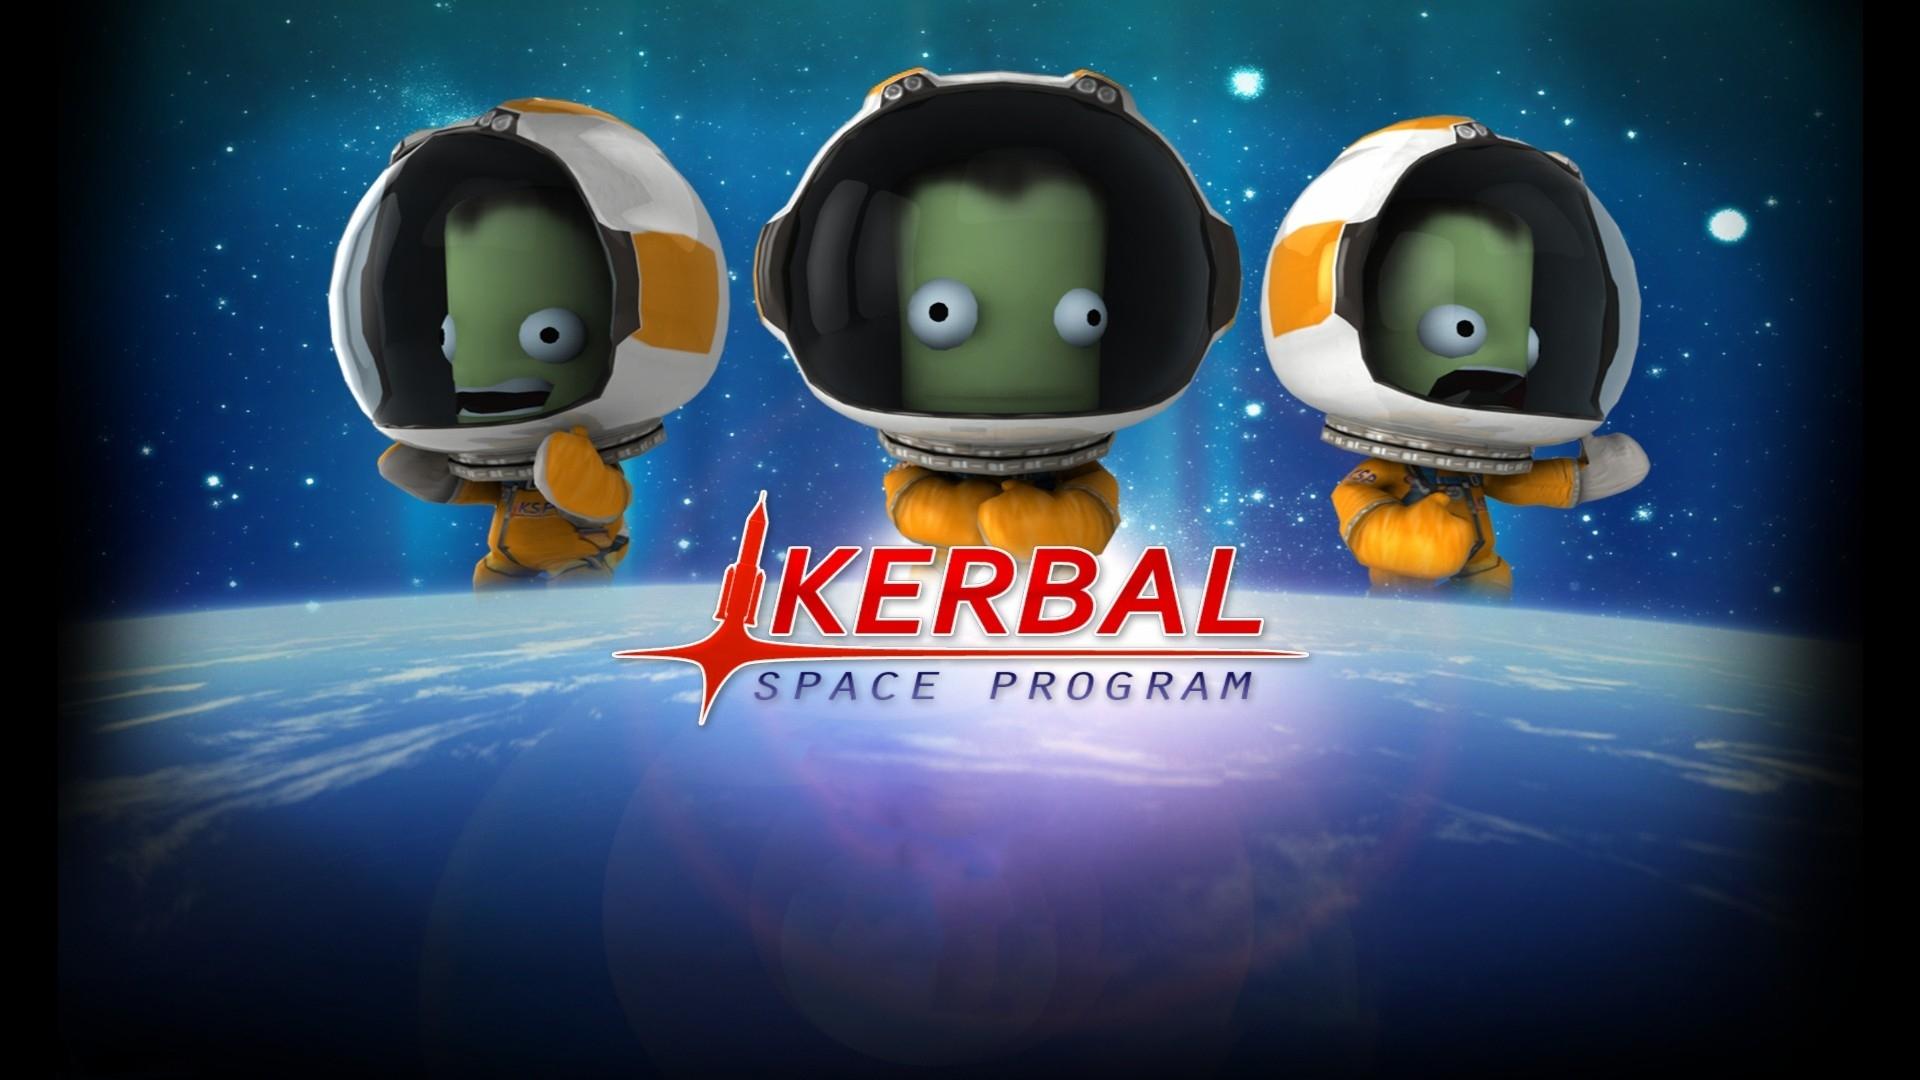 Kerbal space program wikiscifi fandom powered by wikia - Wallpaper kerbal space program ...